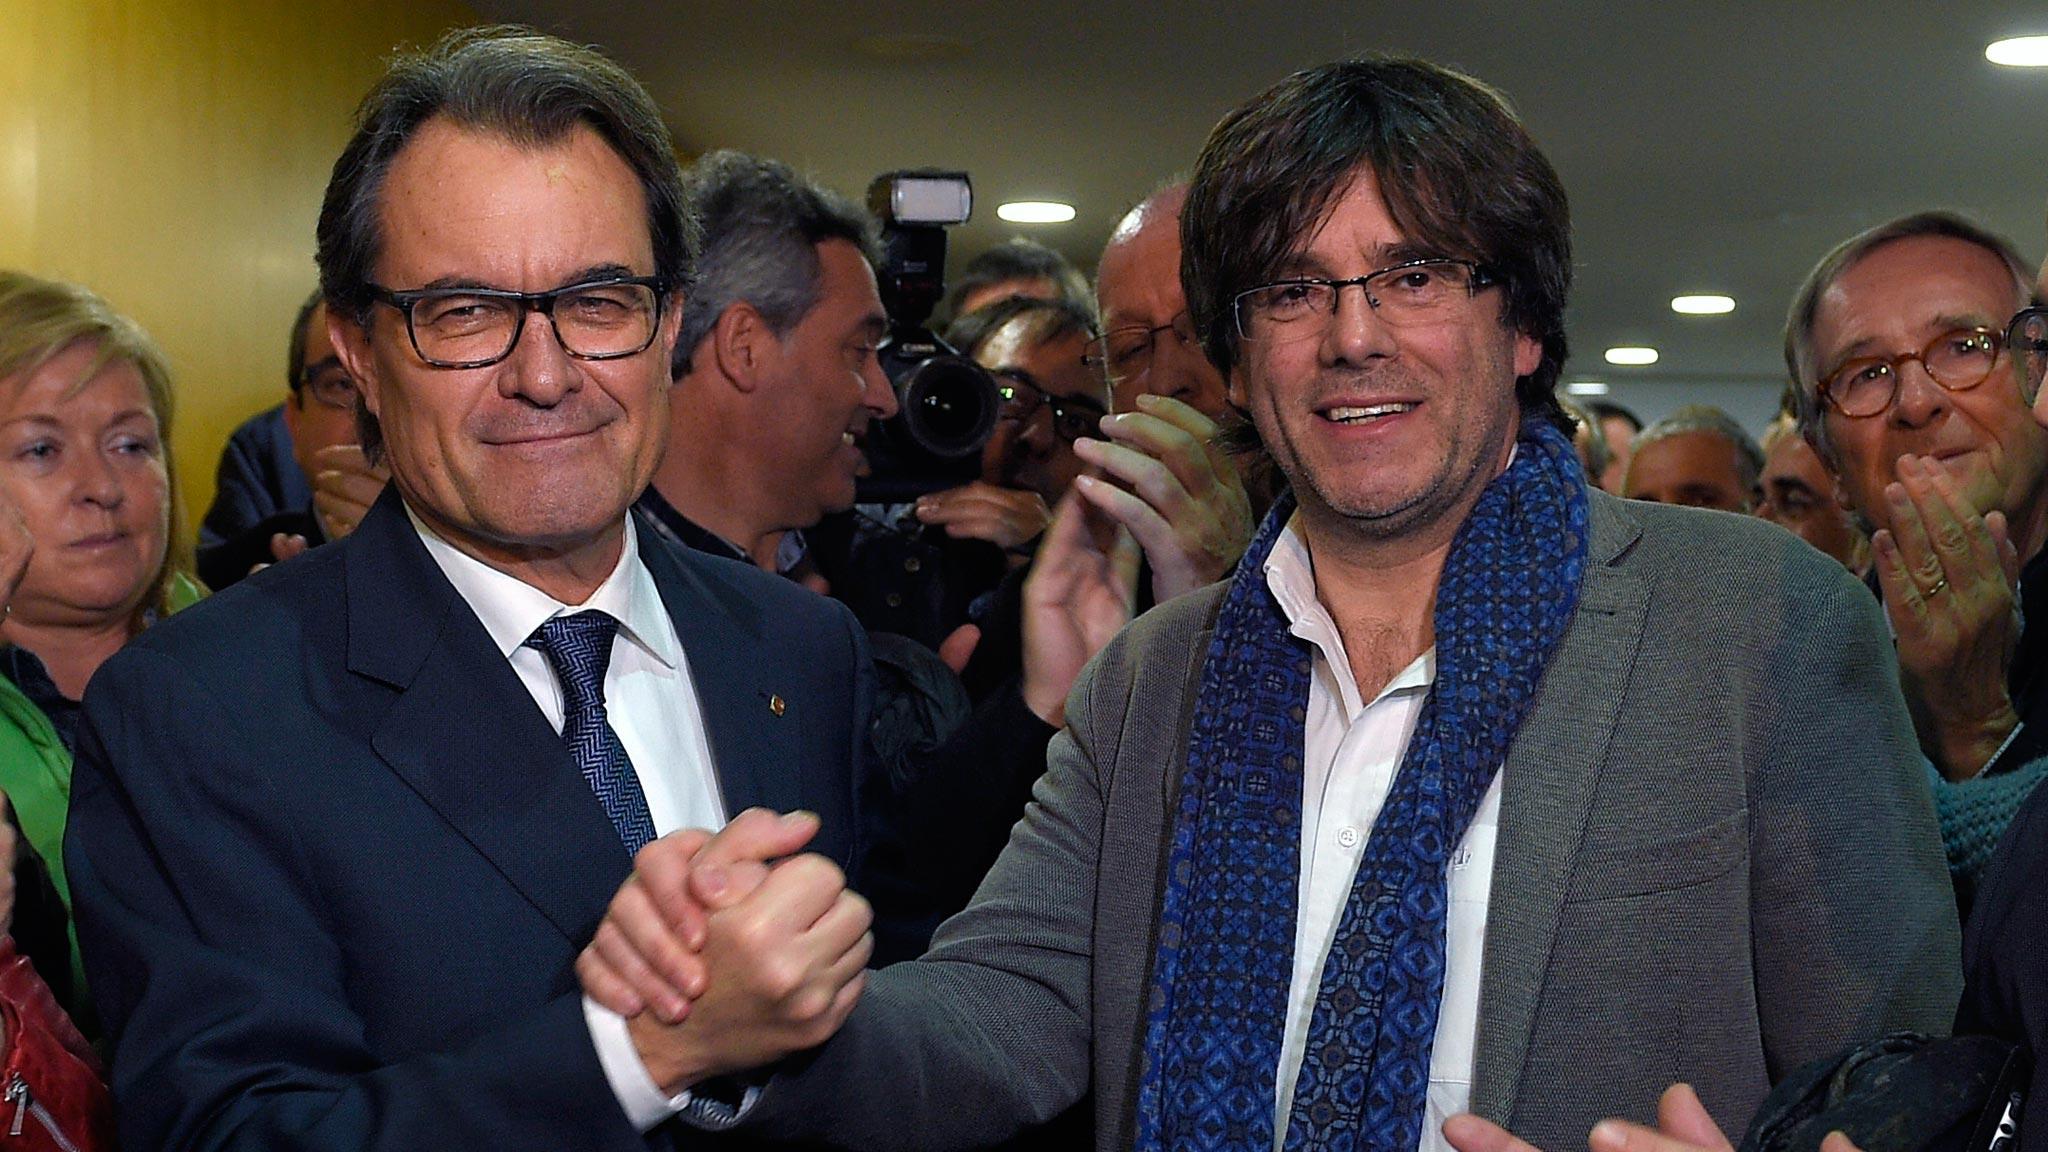 Spagna, unionisti in piazza contro gli indipendentisti catalani